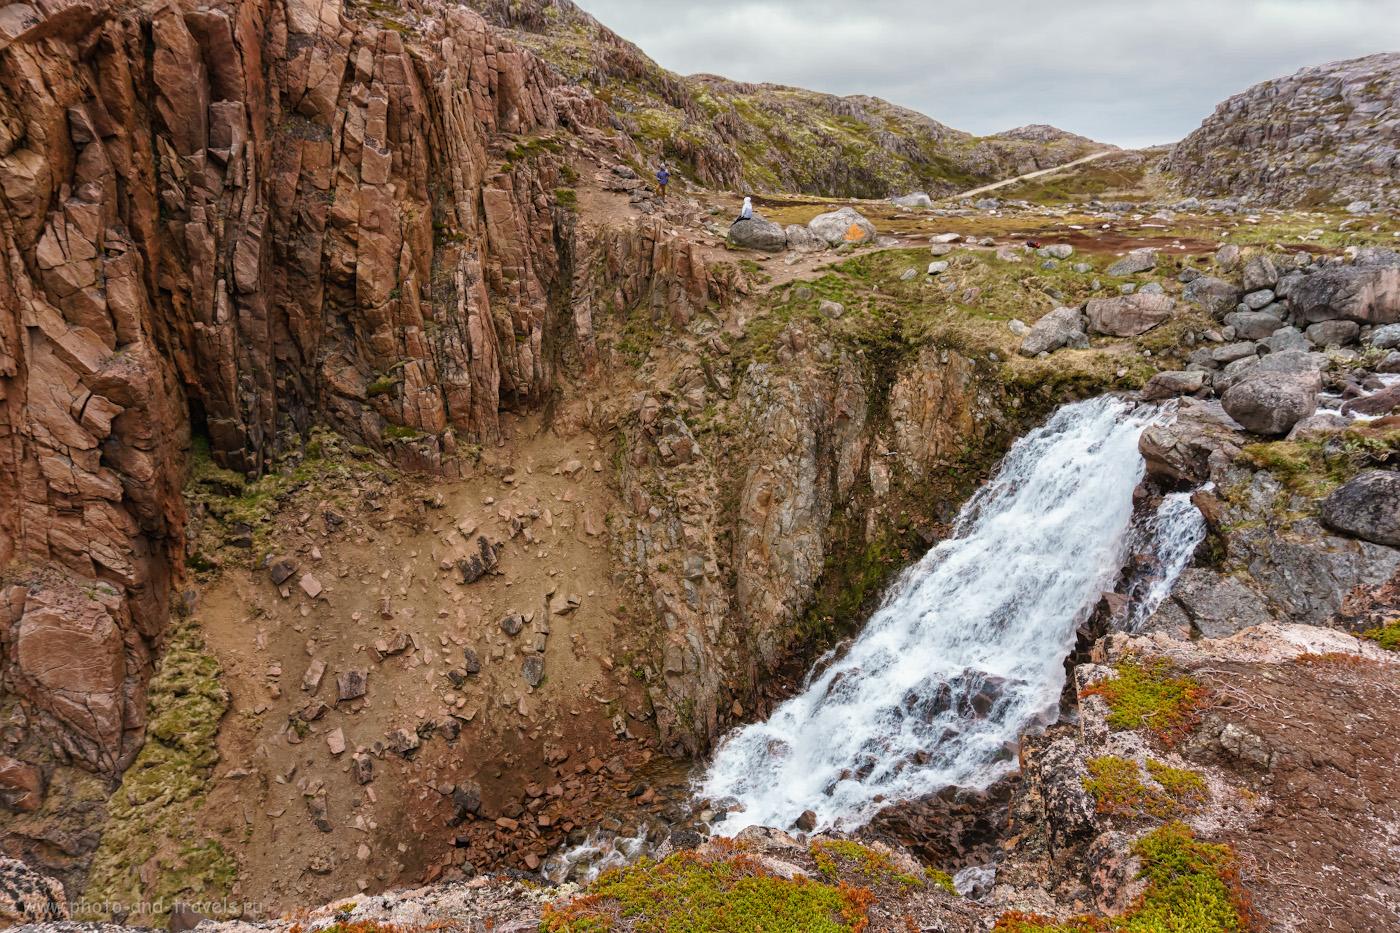 Фотография 32. Туристы у Батарейского водопада. Отчет о поездке из Мурманска в Териберку самостоятельно на авто.